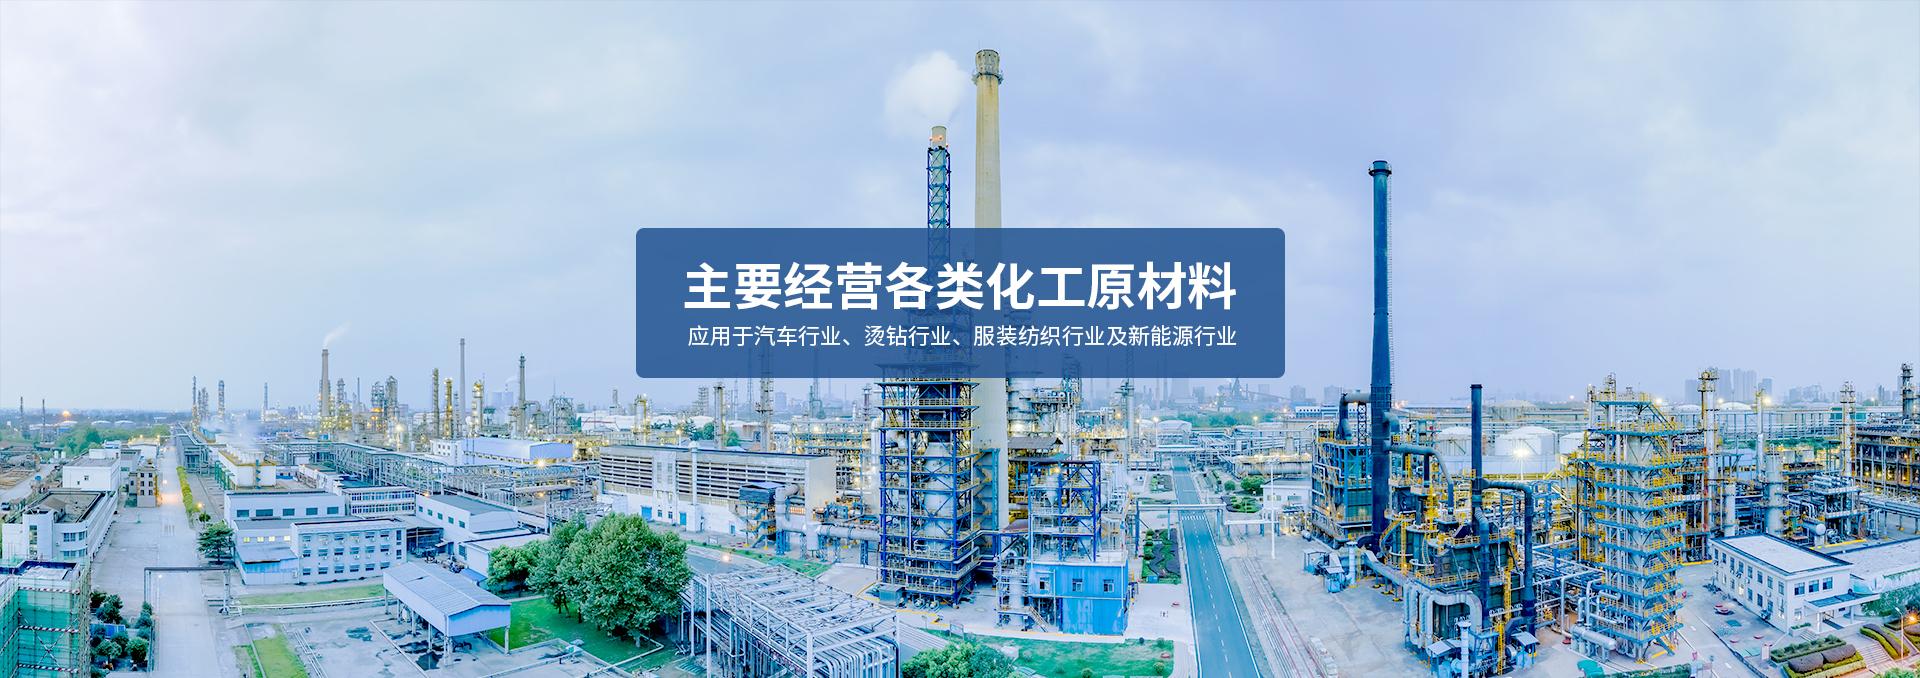 热熔胶厂家,EMS热熔胶,瑞士进口热熔胶